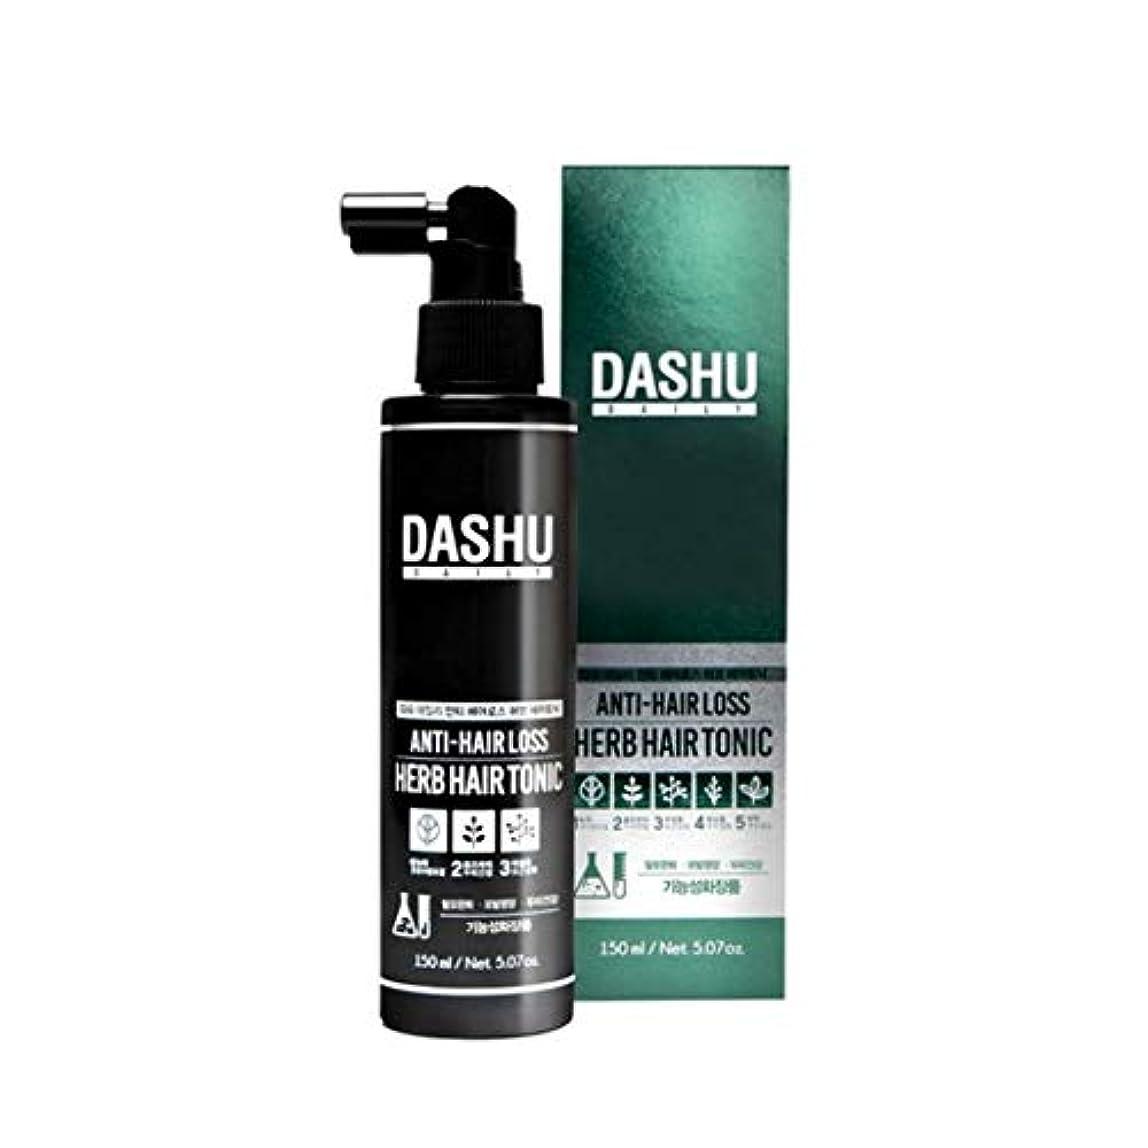 メディカル指定粘性のダシュデイリーアンチヘアロスハブヘアトニック150ml韓国コスメ、Dashu Daily Anti-Hair Loss Herb Hair Tonic 150ml Korean Cosmetics {並行輸入品]